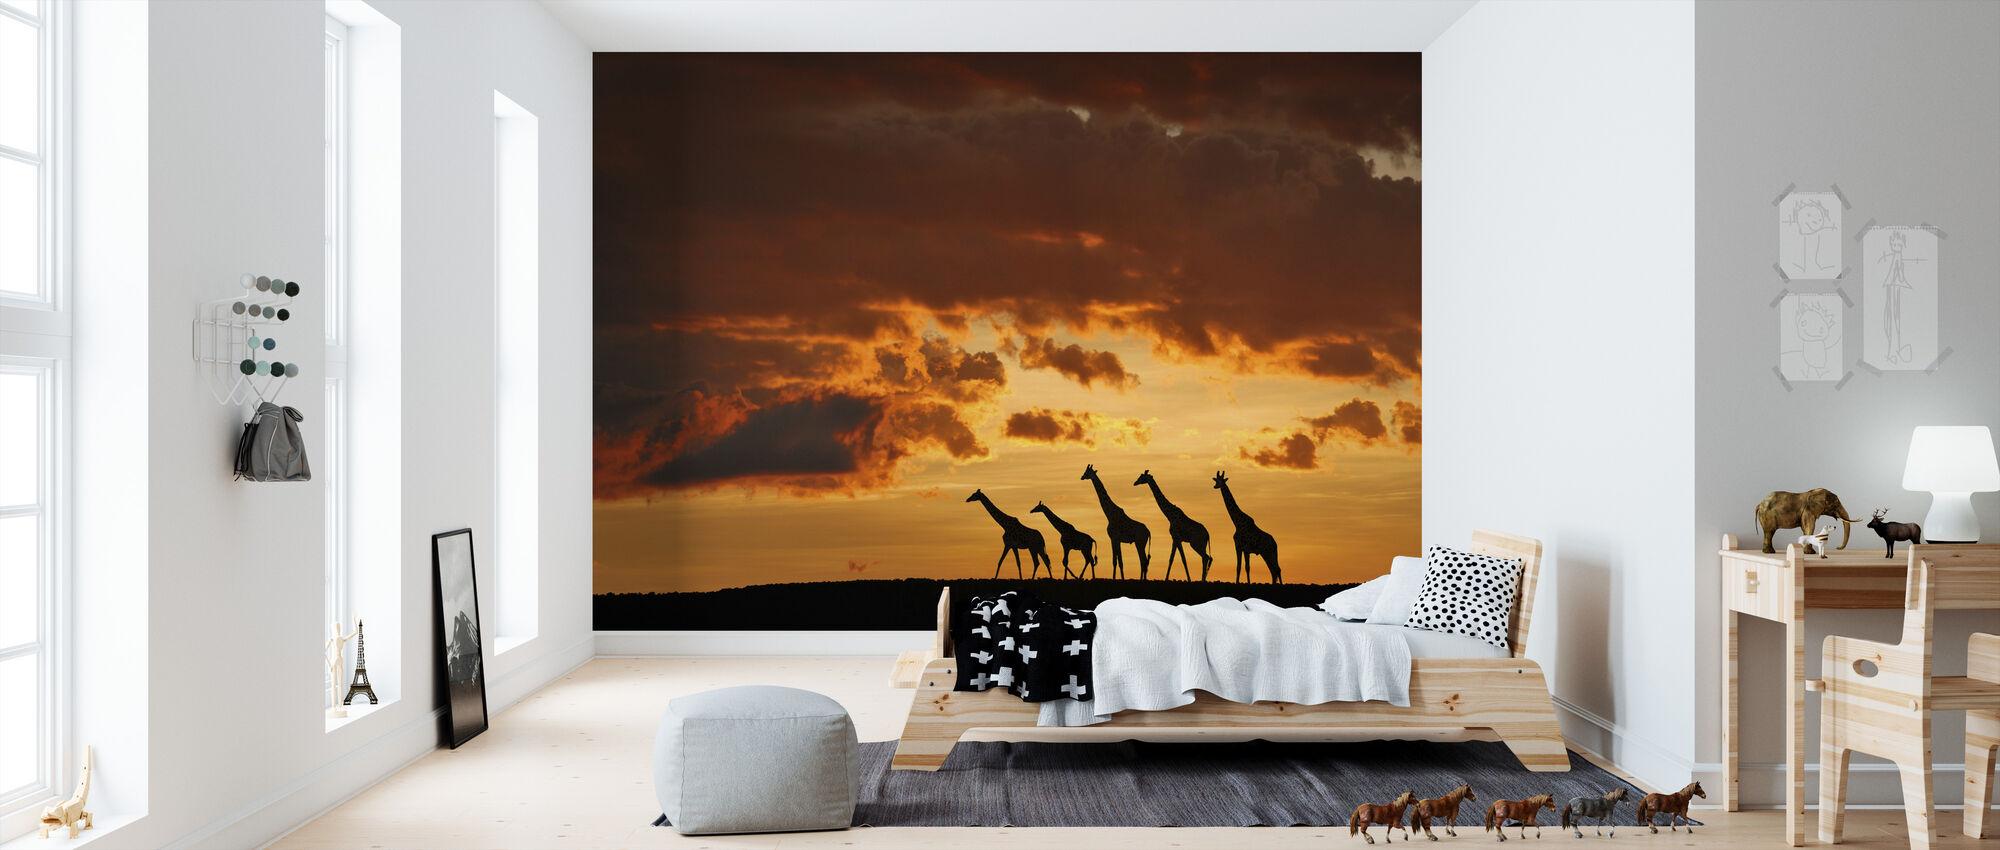 Vijf Giraffen - Behang - Kinderkamer